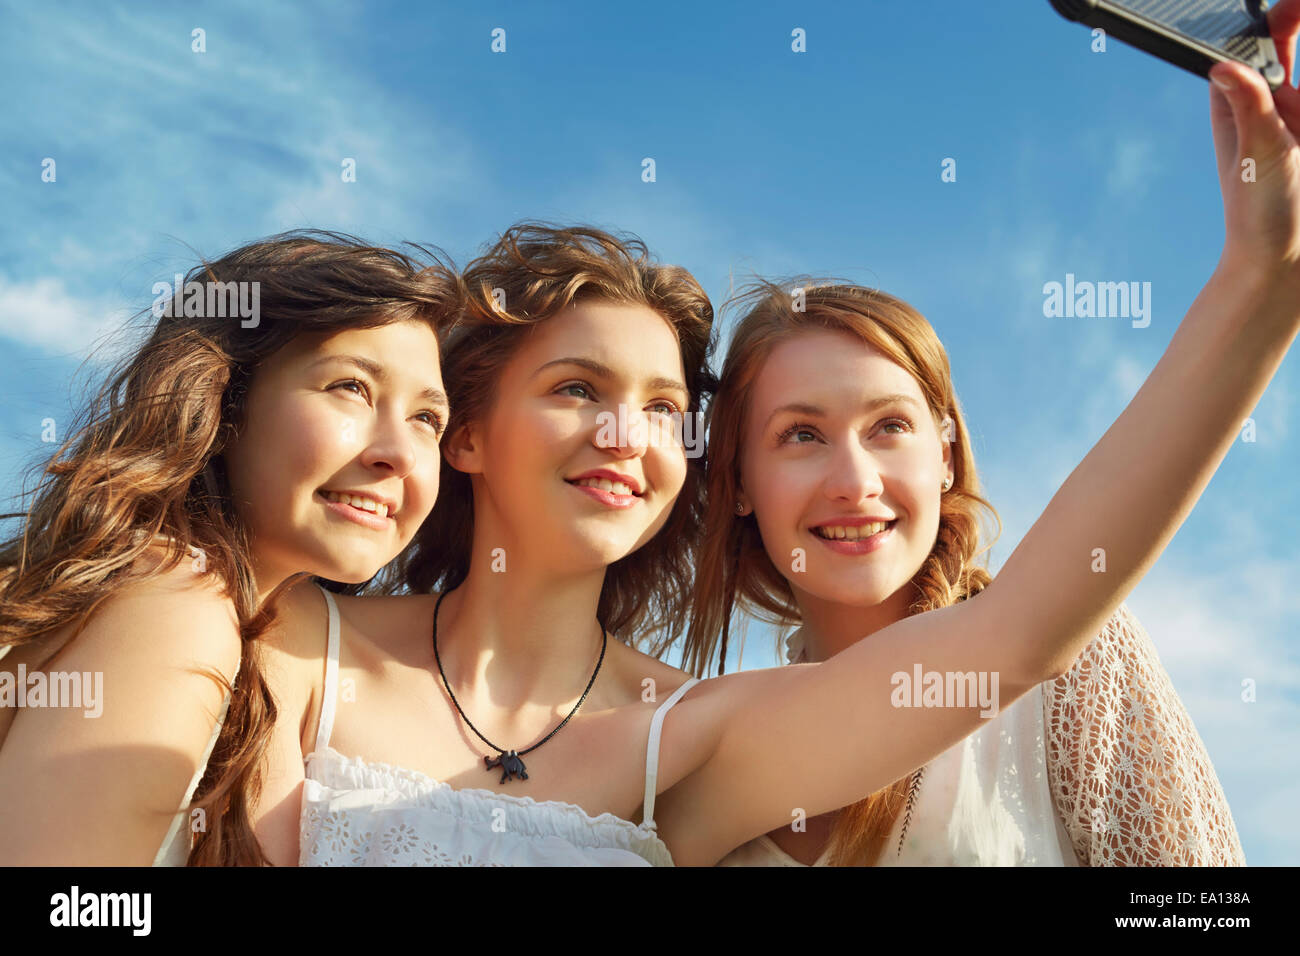 Tres jóvenes mujeres sonriendo a selfie en smartphone Imagen De Stock